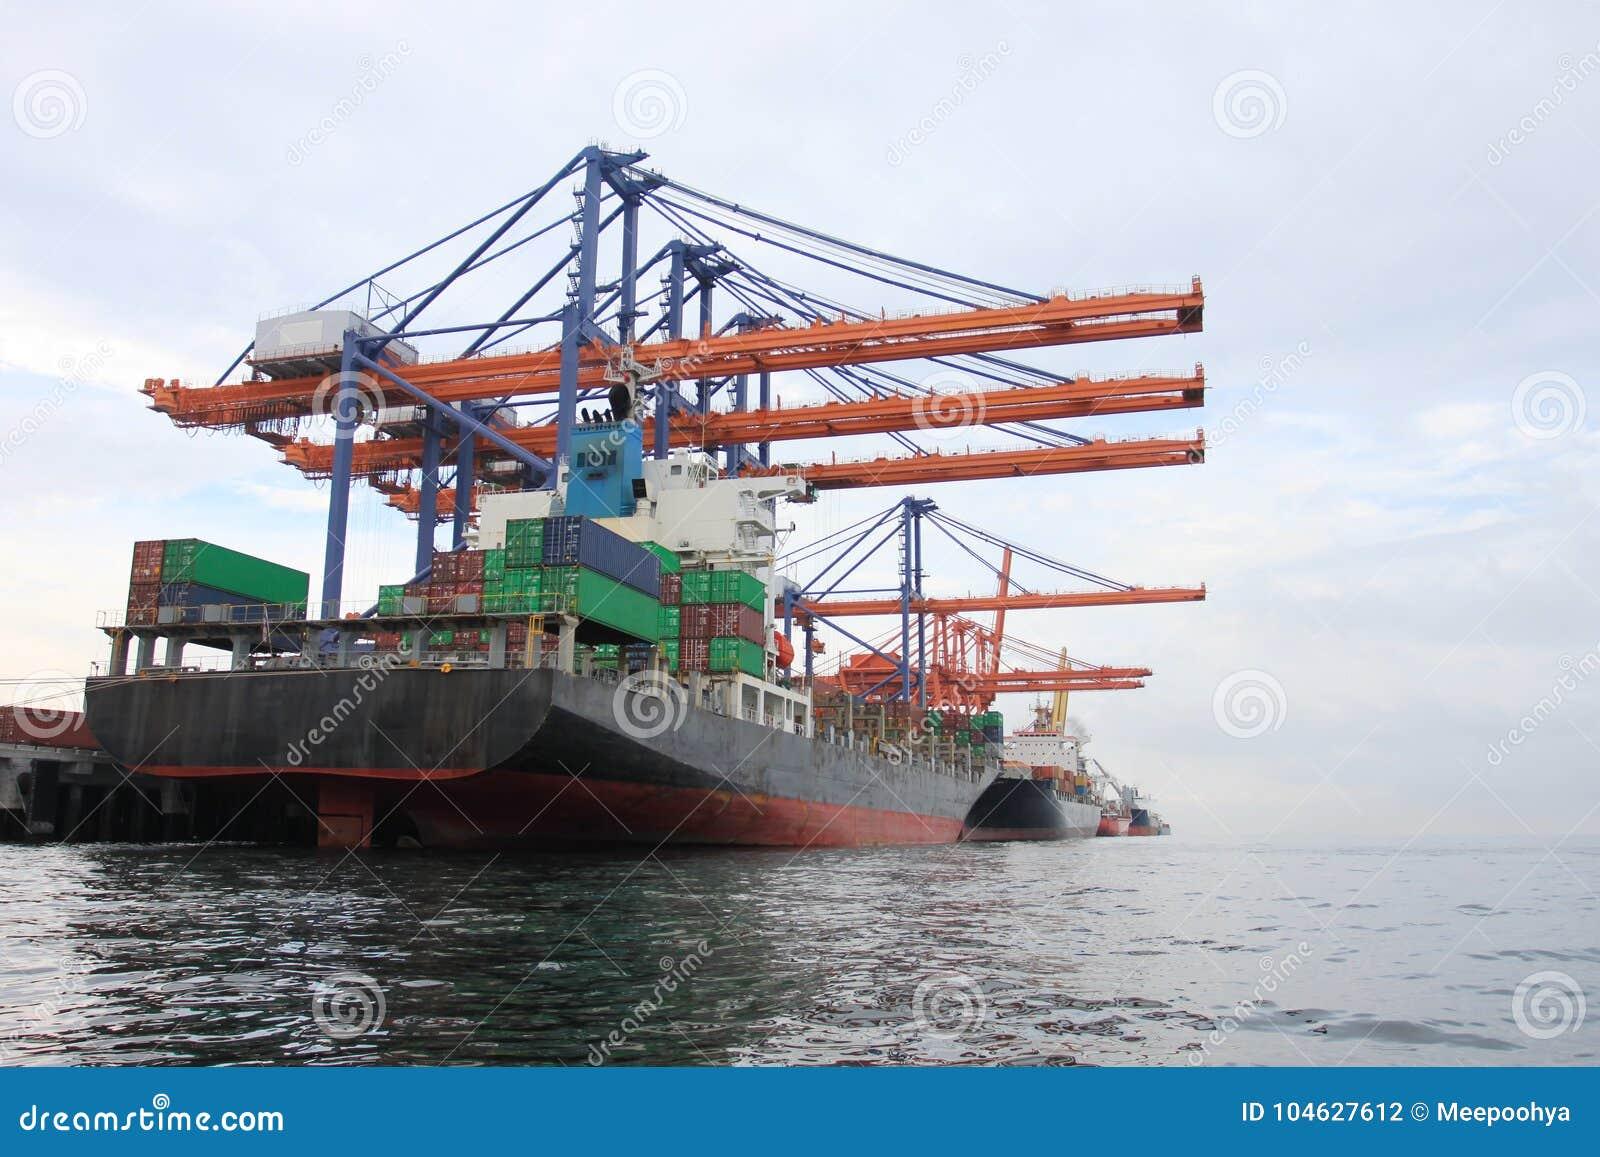 Download Grote Kraan Voor Het Laden En Het Leegmaken Stock Foto - Afbeelding bestaande uit globaal, apparatuur: 104627612